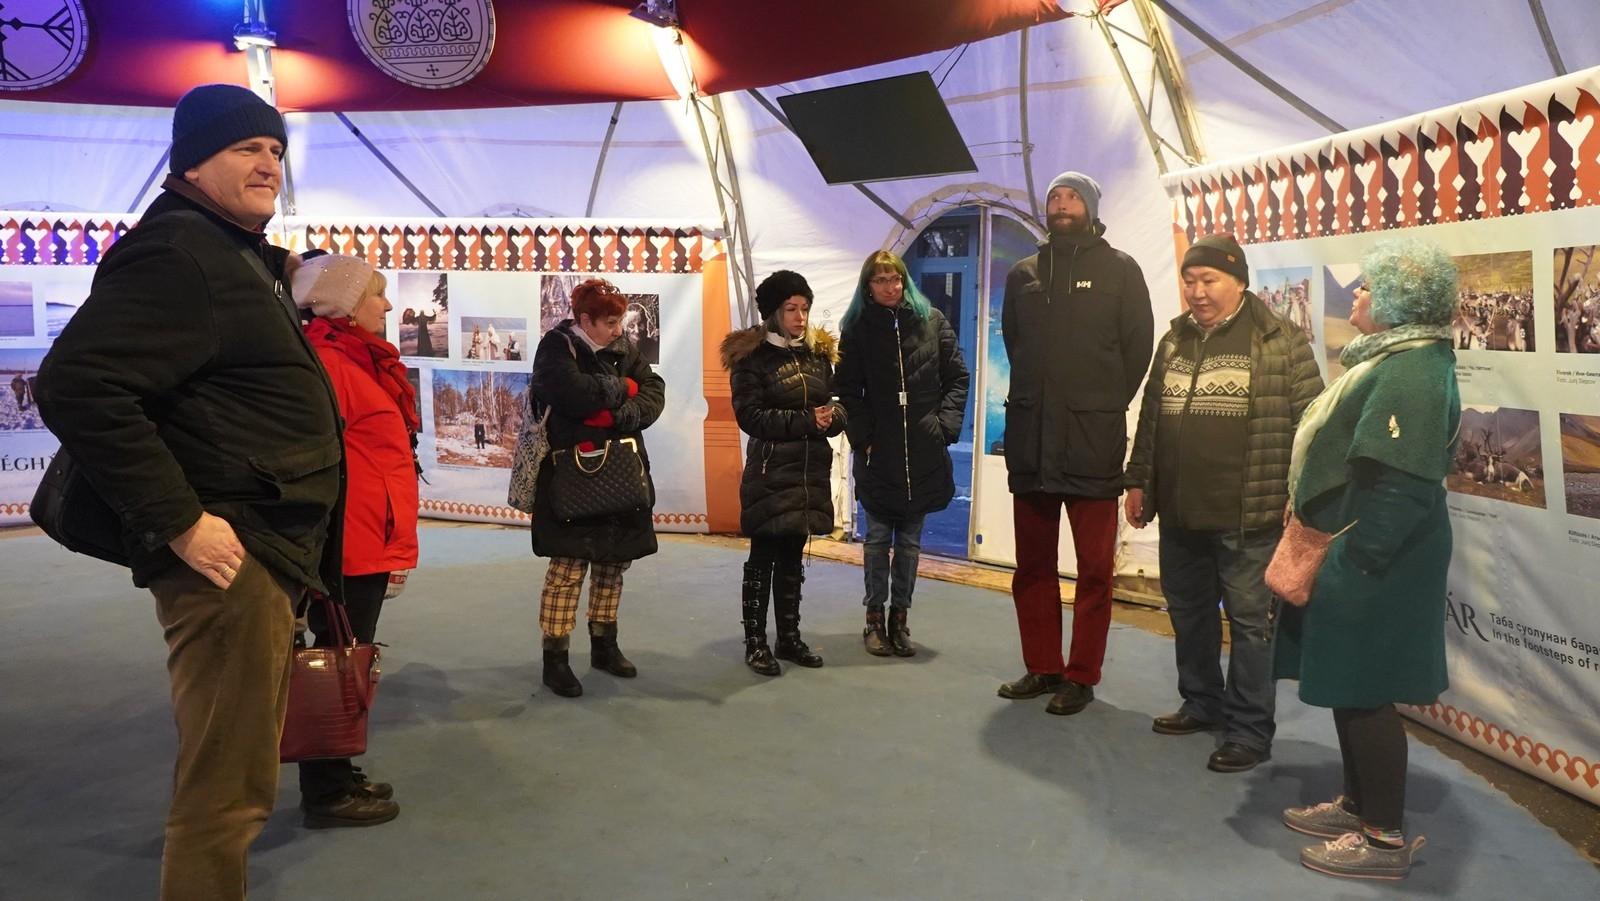 Jakutkutatók tárlatvezetése a Fővárosi Nagycirkusz múzeumi szakmai napján